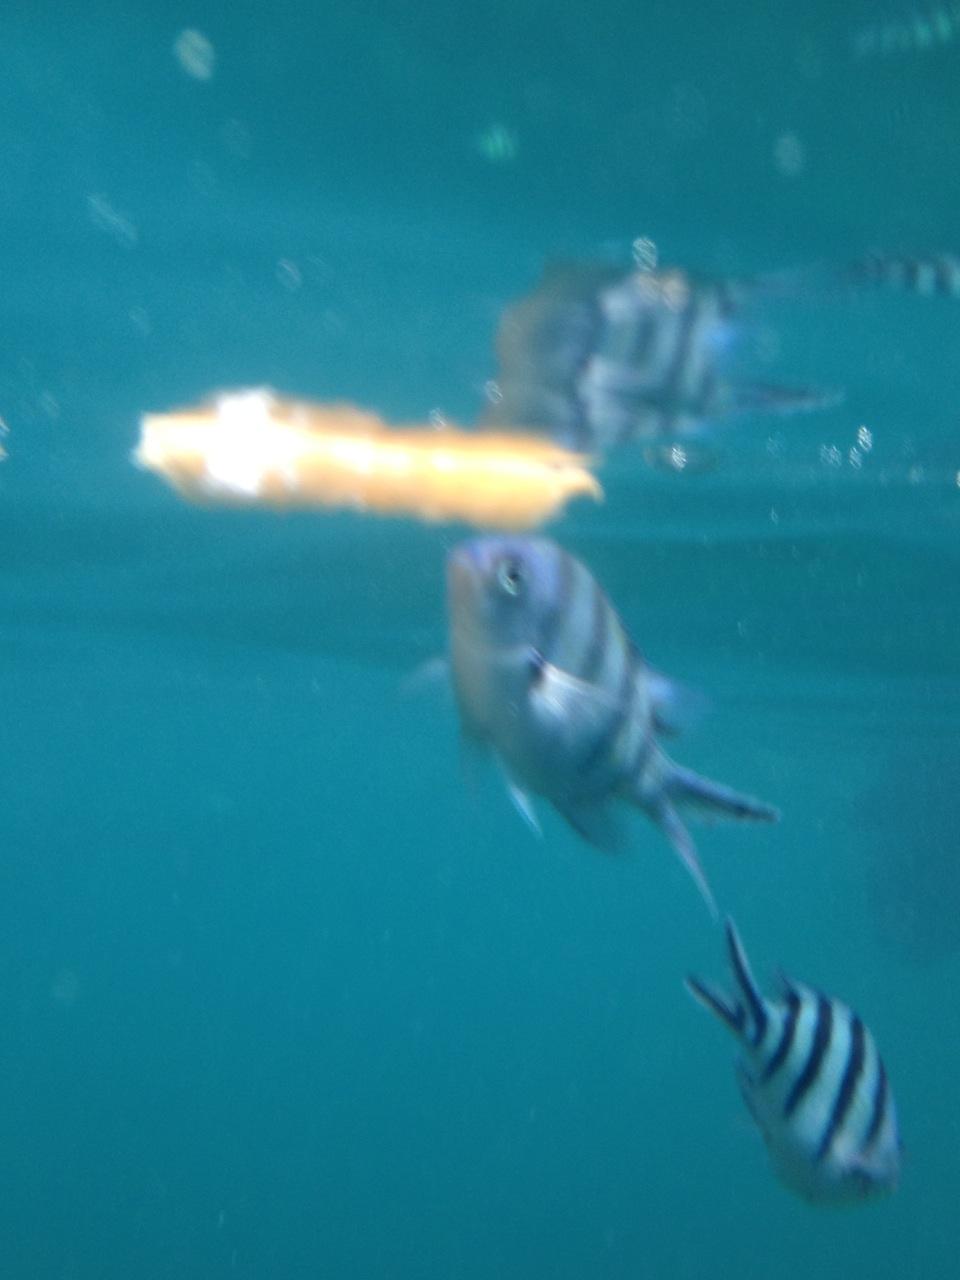 рыбки любят подплыть поближе